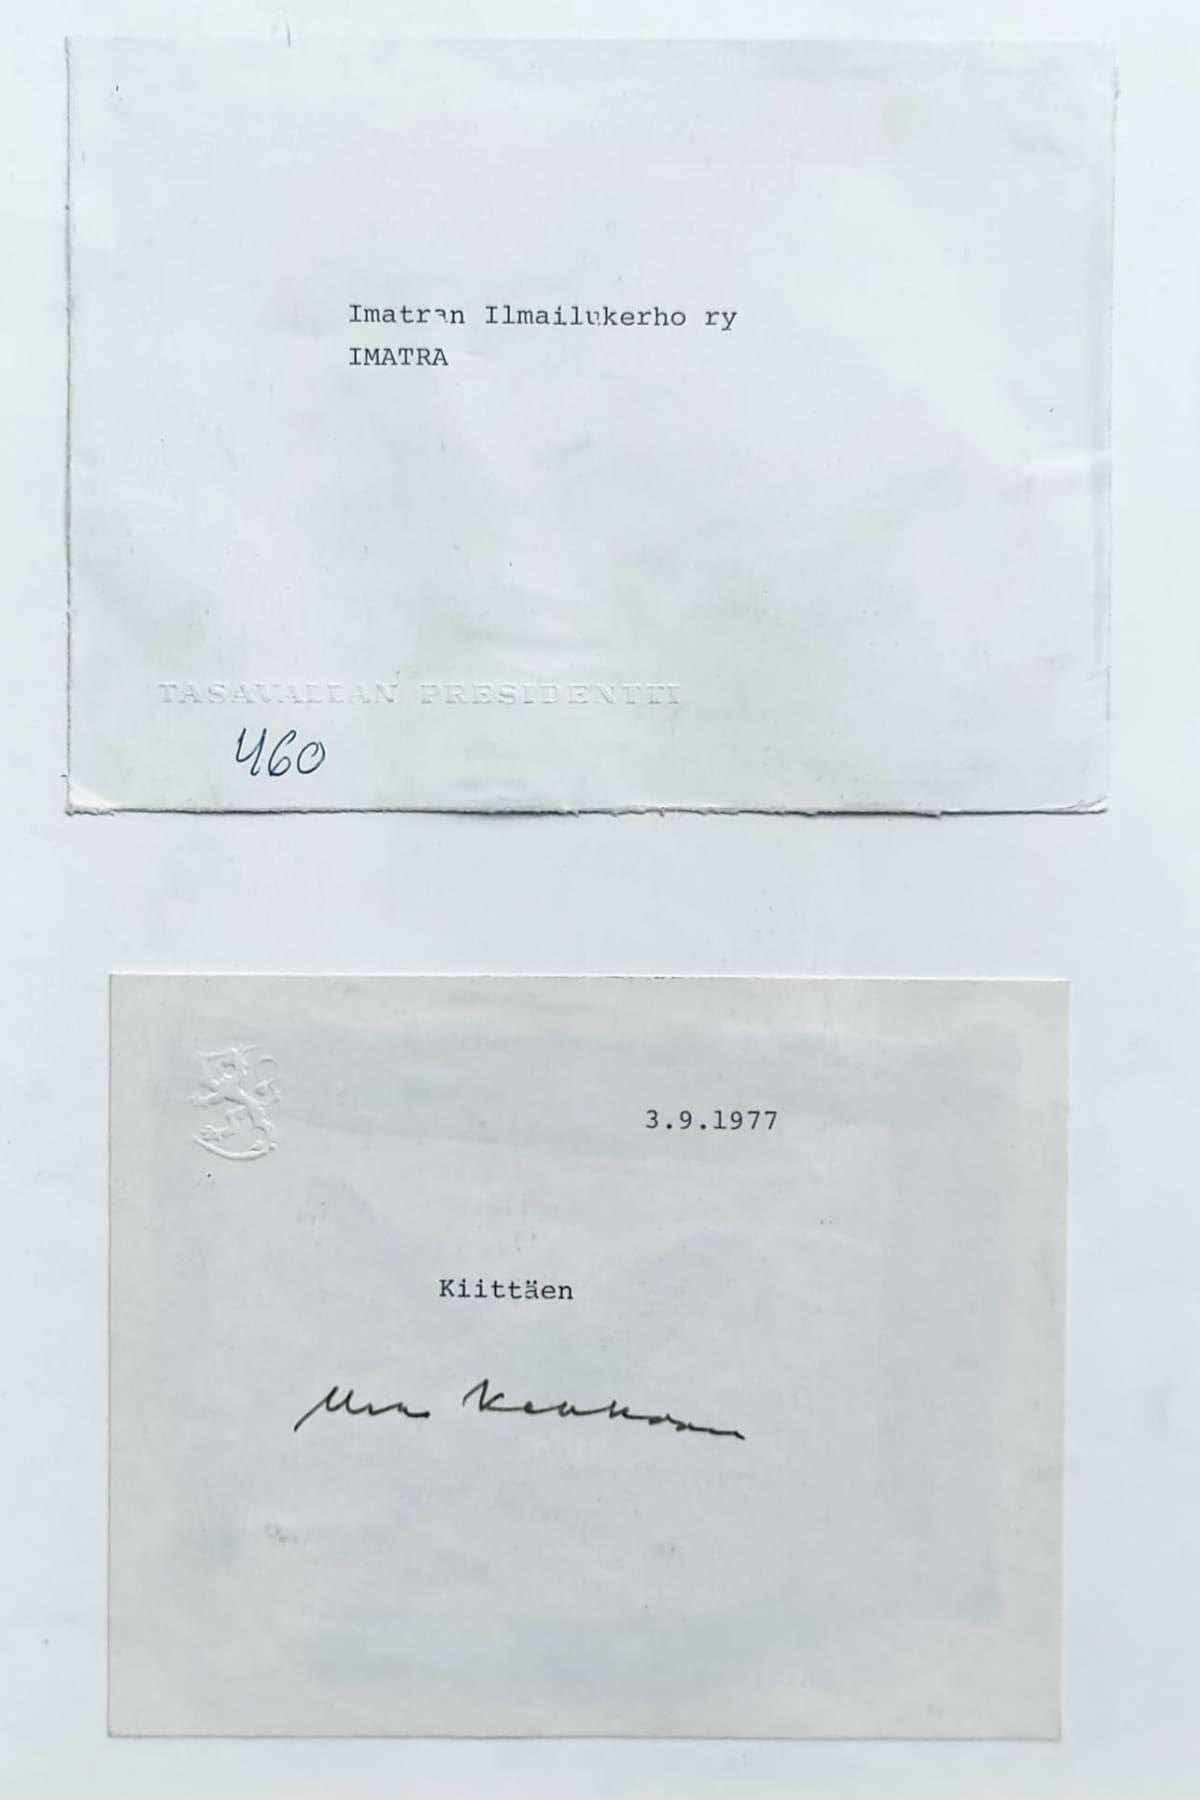 """Kirjoituskoneella kirjoitetussa kirjeessä on valtion vesieleima, päiväys 3.9.1977 sekä teksti """"Kiittäen"""" ja Urho Kekkosen allekirjoitus"""